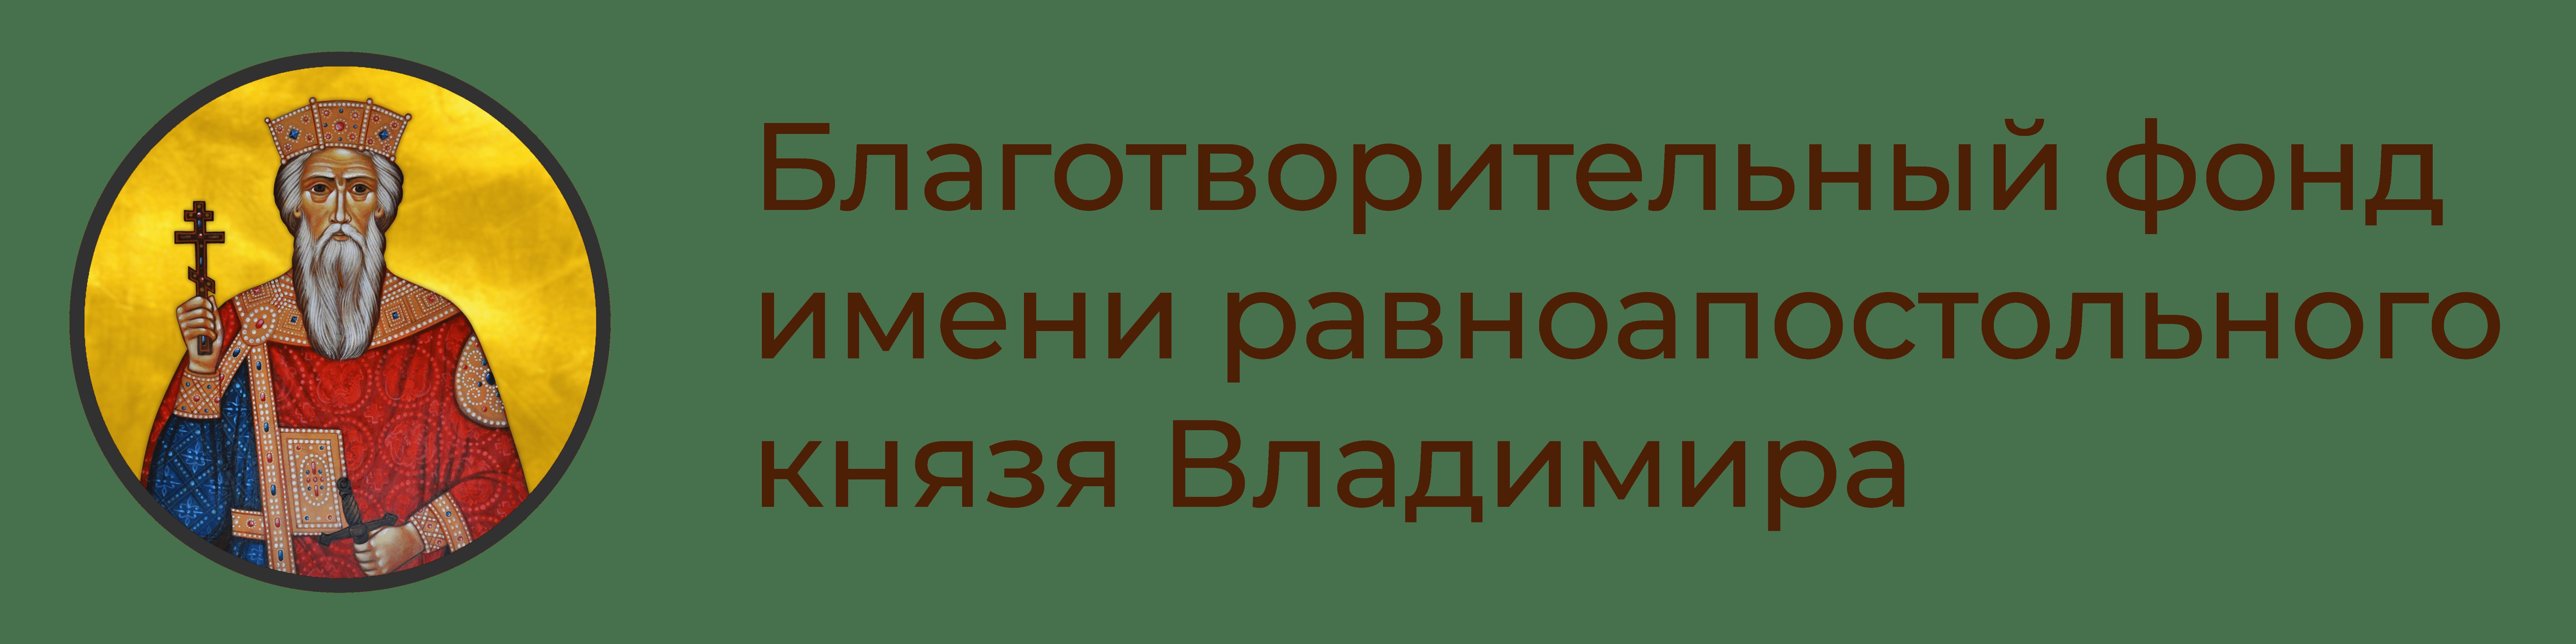 Фонд имени равноапостольного князя Владимира